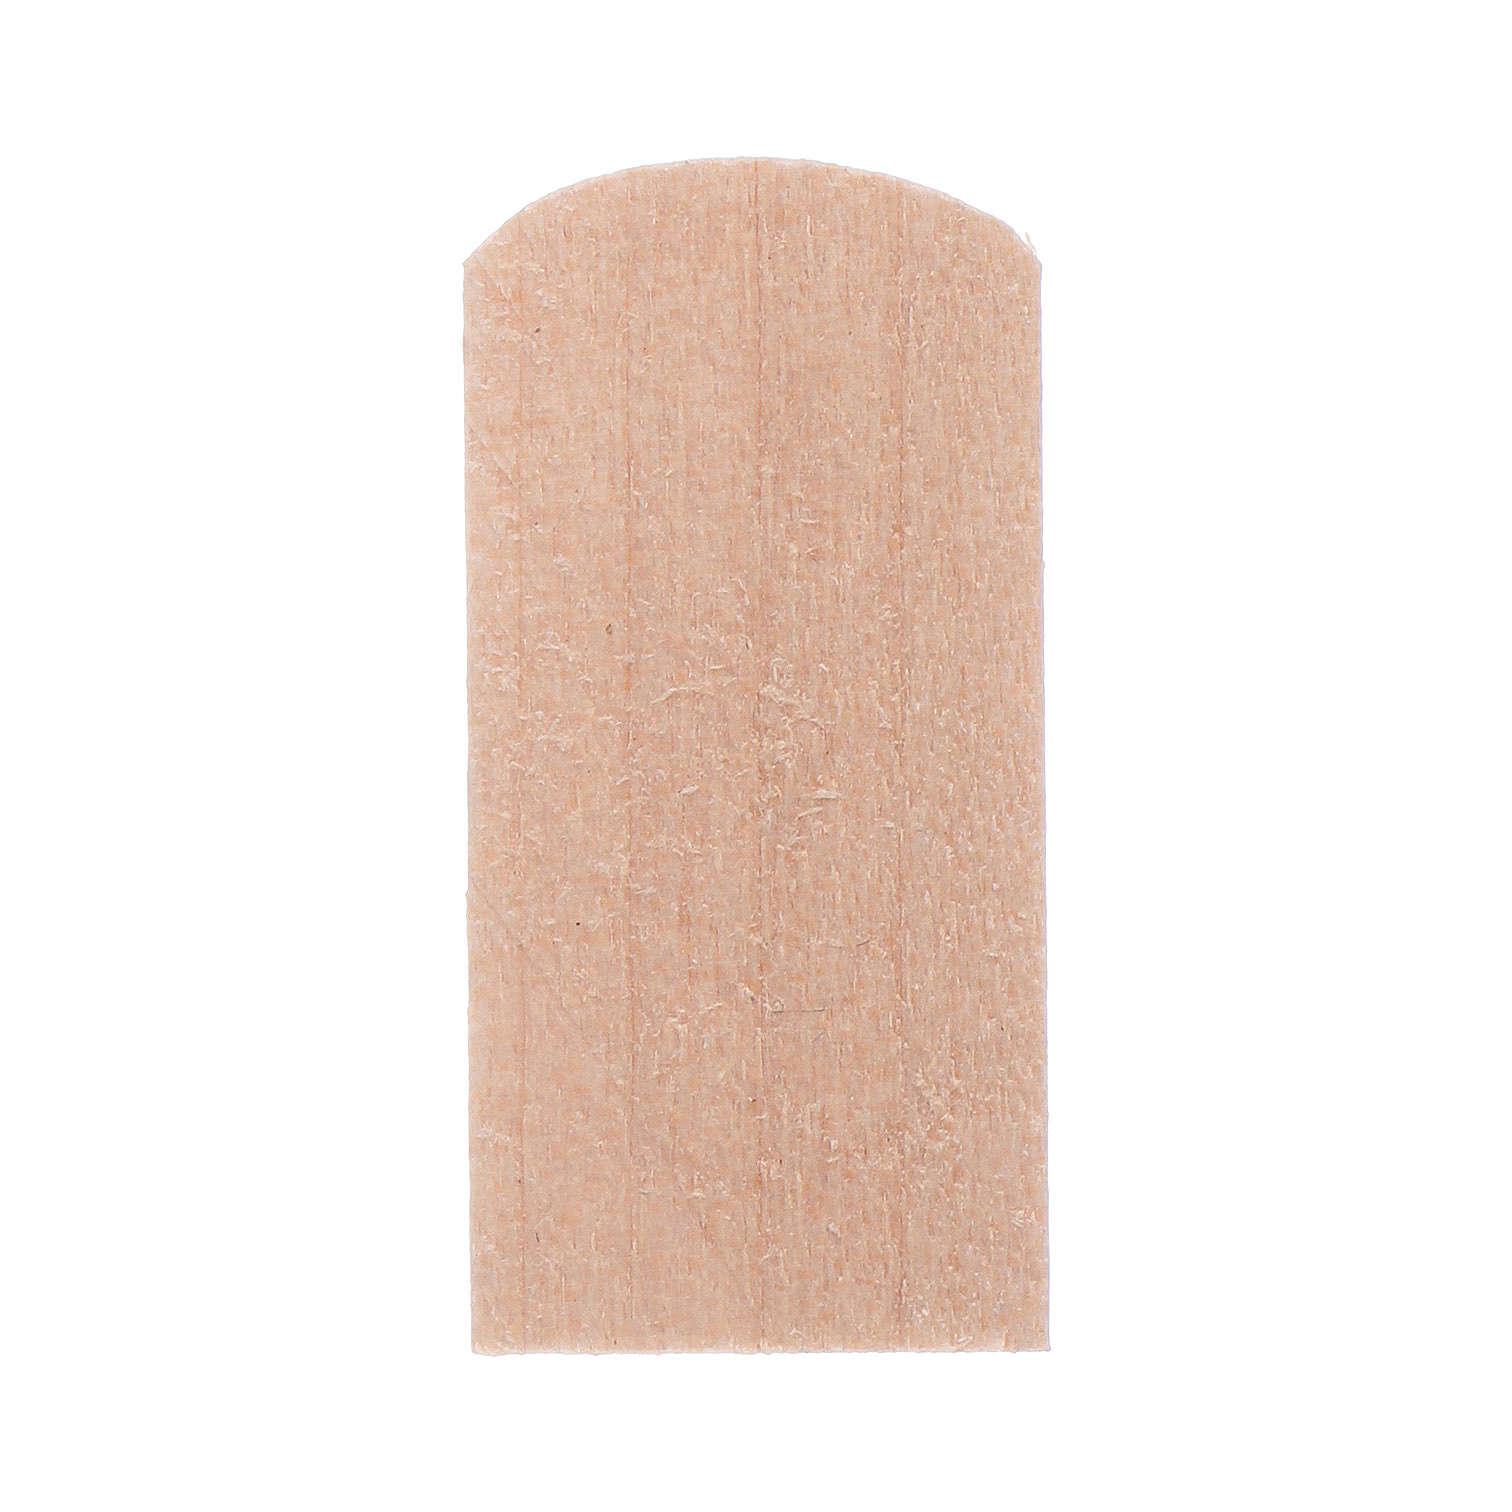 Scandole di legno 1,2x2,4 cm presepe 100 pz 4